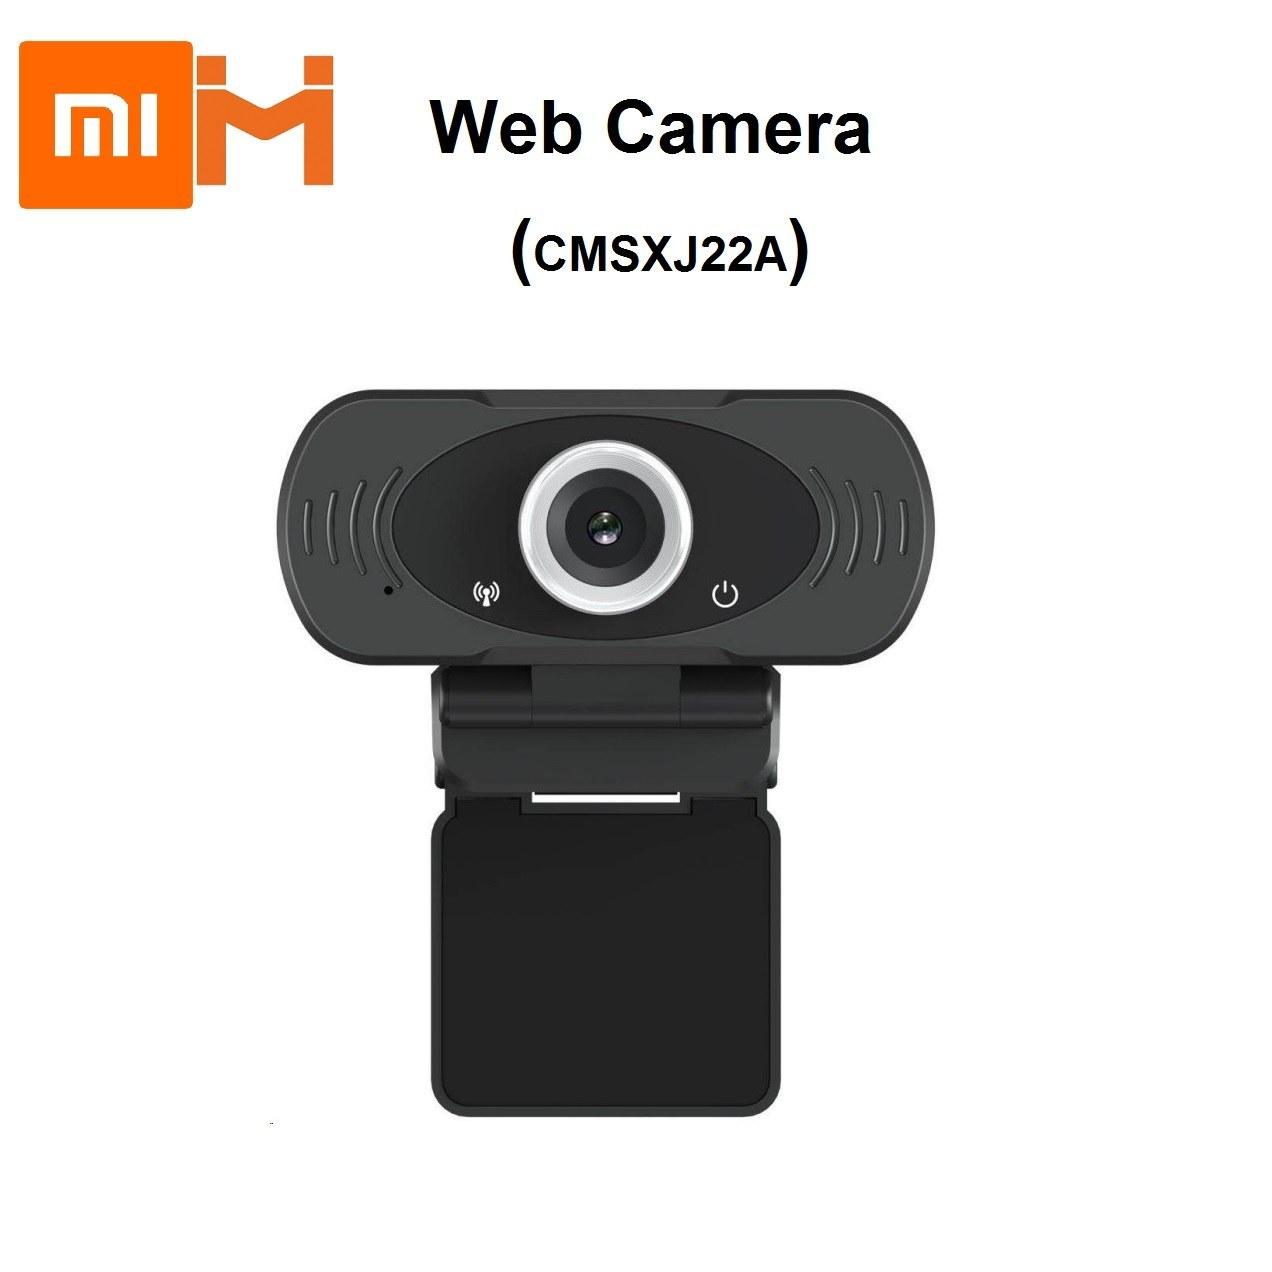 دوربین وب کم Mi Web Camera IMI Lab W88 S CMSXJ22A